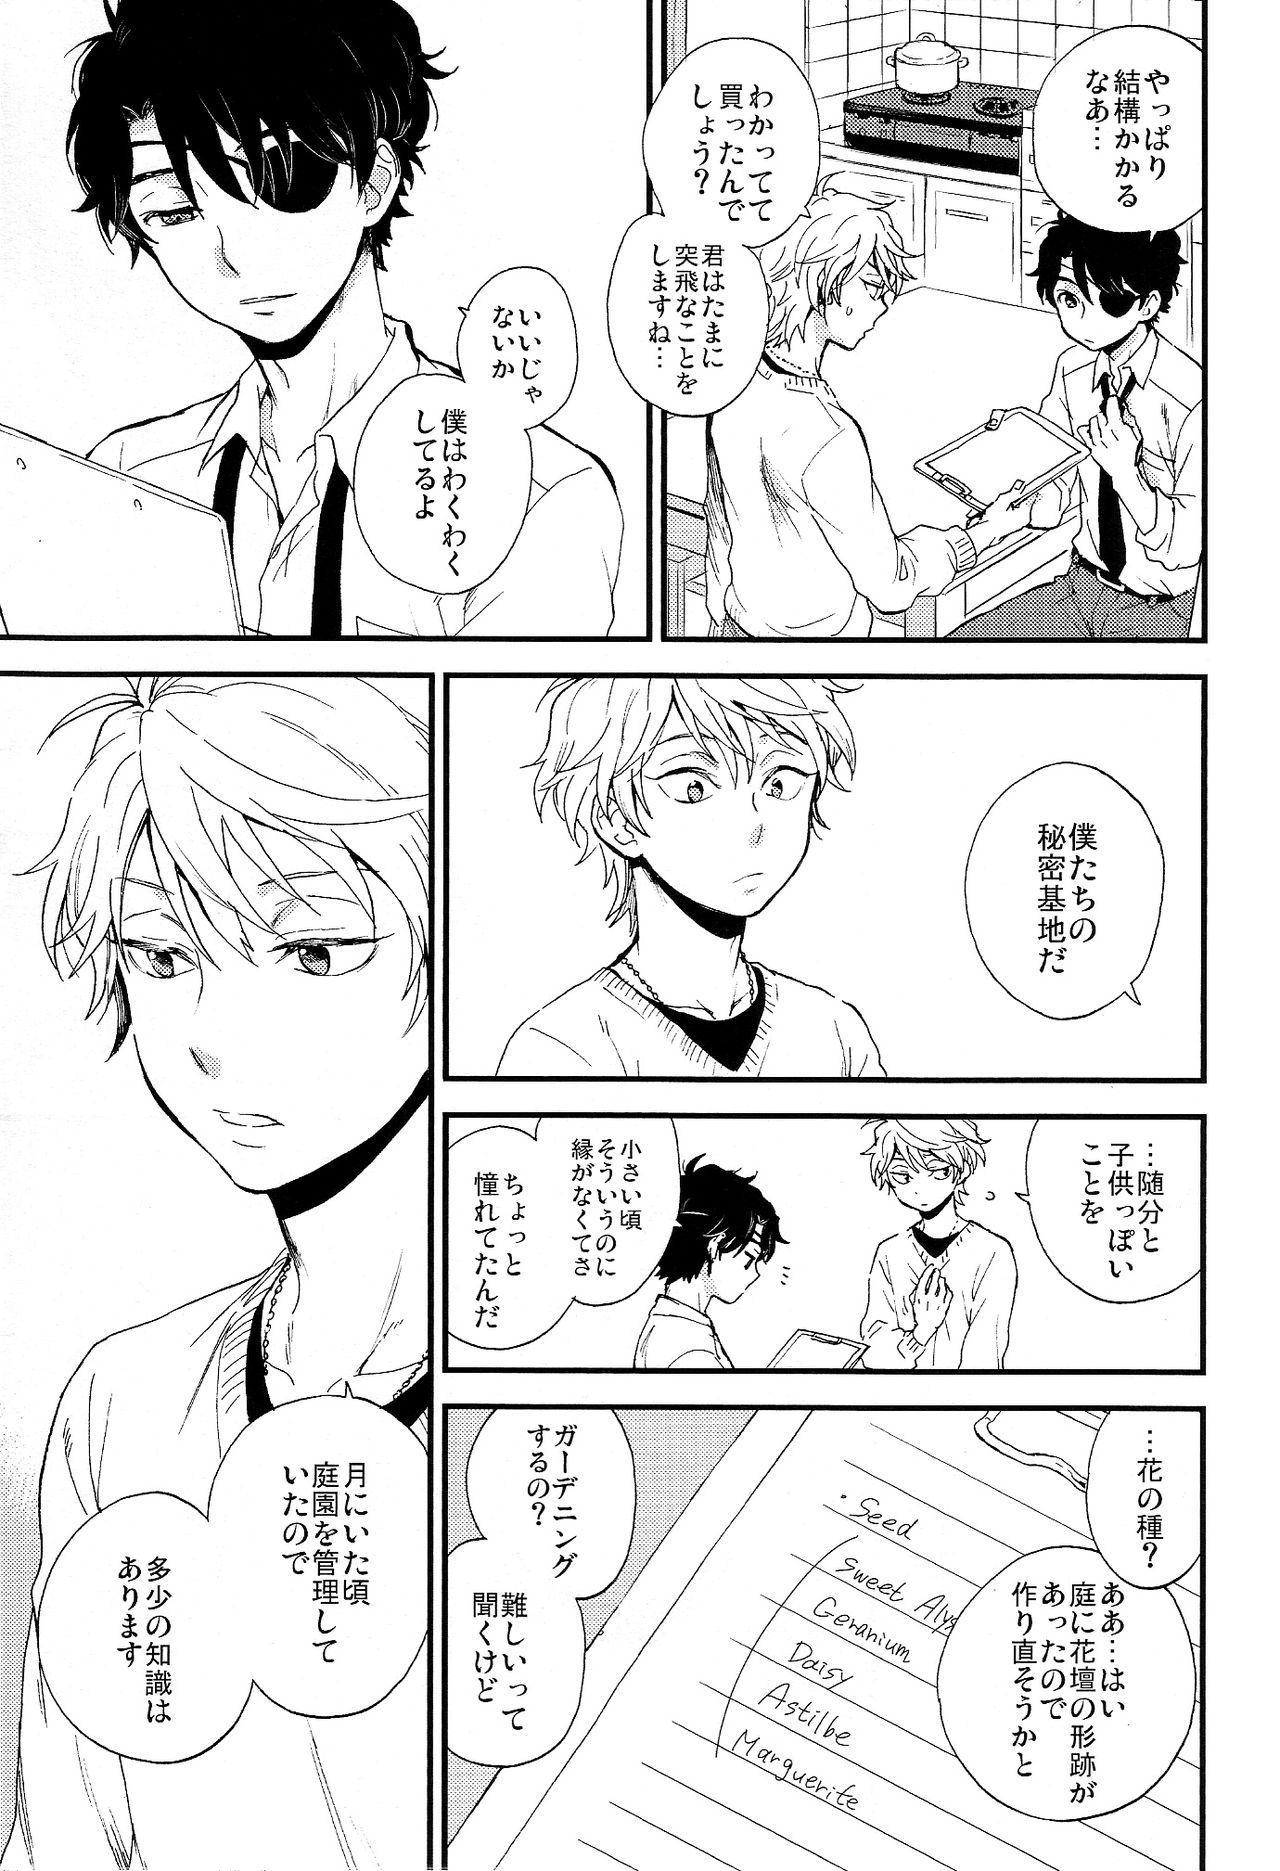 Hakoniwa Life 16